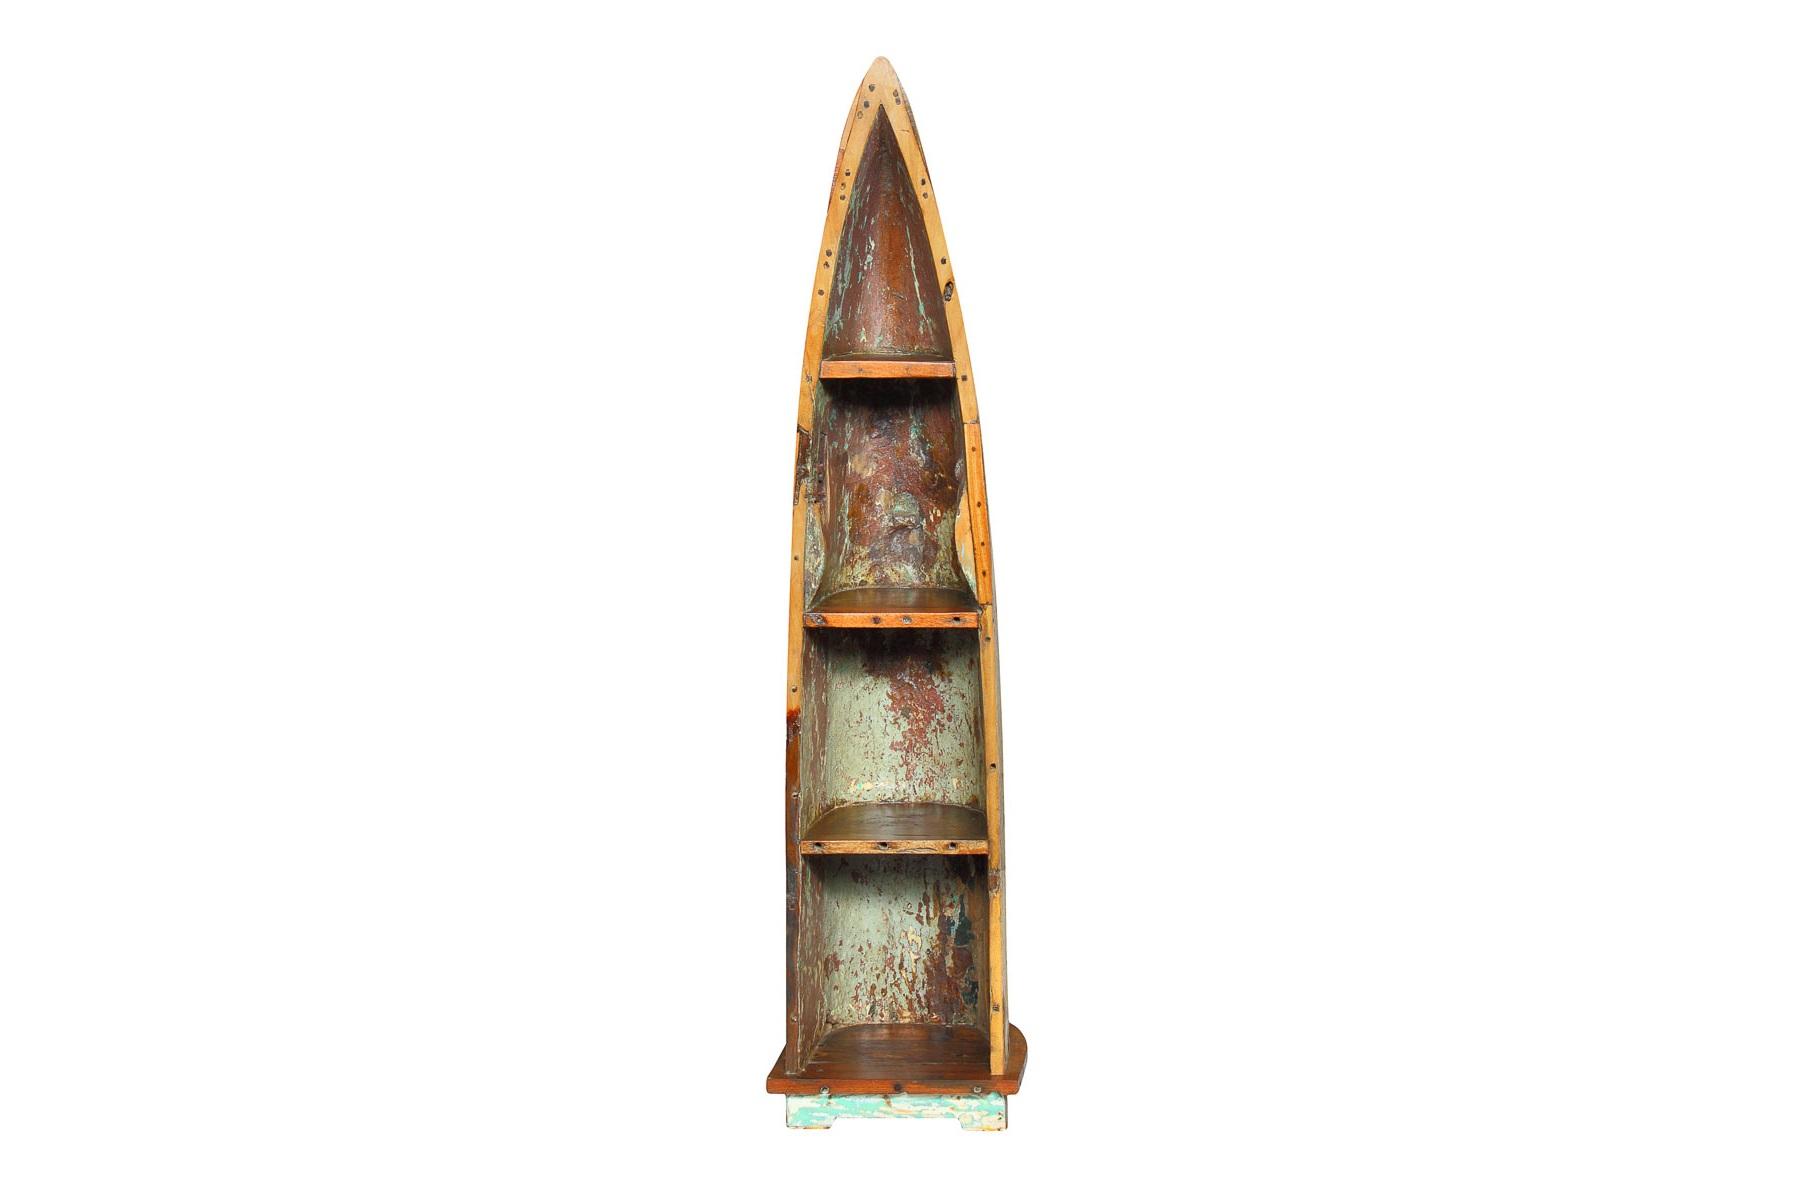 Лодка-стеллаж КандинскийСтеллажи<br>Эта лодка не случайно названа именем выдающегося русского живописца. Как известно, он был основоположников абстракционизма, который мы можем увидеть и в оформлении оригинального стеллажа. &amp;quot;Иллюстрации&amp;quot; создались из слоев краски, отколовшейся в результате более чем десятилетнего использования лодки. Вместе с местами потемневшей древесиной они выглядят вдохновляющими и рождают в мыслях образы, которым бы позавидовал сам Кандинский.&amp;lt;div&amp;gt;&amp;lt;br&amp;gt;&amp;lt;/div&amp;gt;&amp;lt;div&amp;gt;Имеет 4 полки разной вместимости.&amp;lt;/div&amp;gt;&amp;lt;div&amp;gt;Подходит для использования как внутри помещения, так и снаружи.&amp;lt;/div&amp;gt;&amp;lt;div&amp;gt;Сборка не требуется.&amp;lt;/div&amp;gt;&amp;lt;div&amp;gt;Покрытие: шеллак.&amp;lt;/div&amp;gt;&amp;lt;div&amp;gt;Материал: массив тика (махогони, суара).&amp;lt;/div&amp;gt;<br><br>Material: Тик<br>Width см: 47<br>Depth см: 41<br>Height см: 298